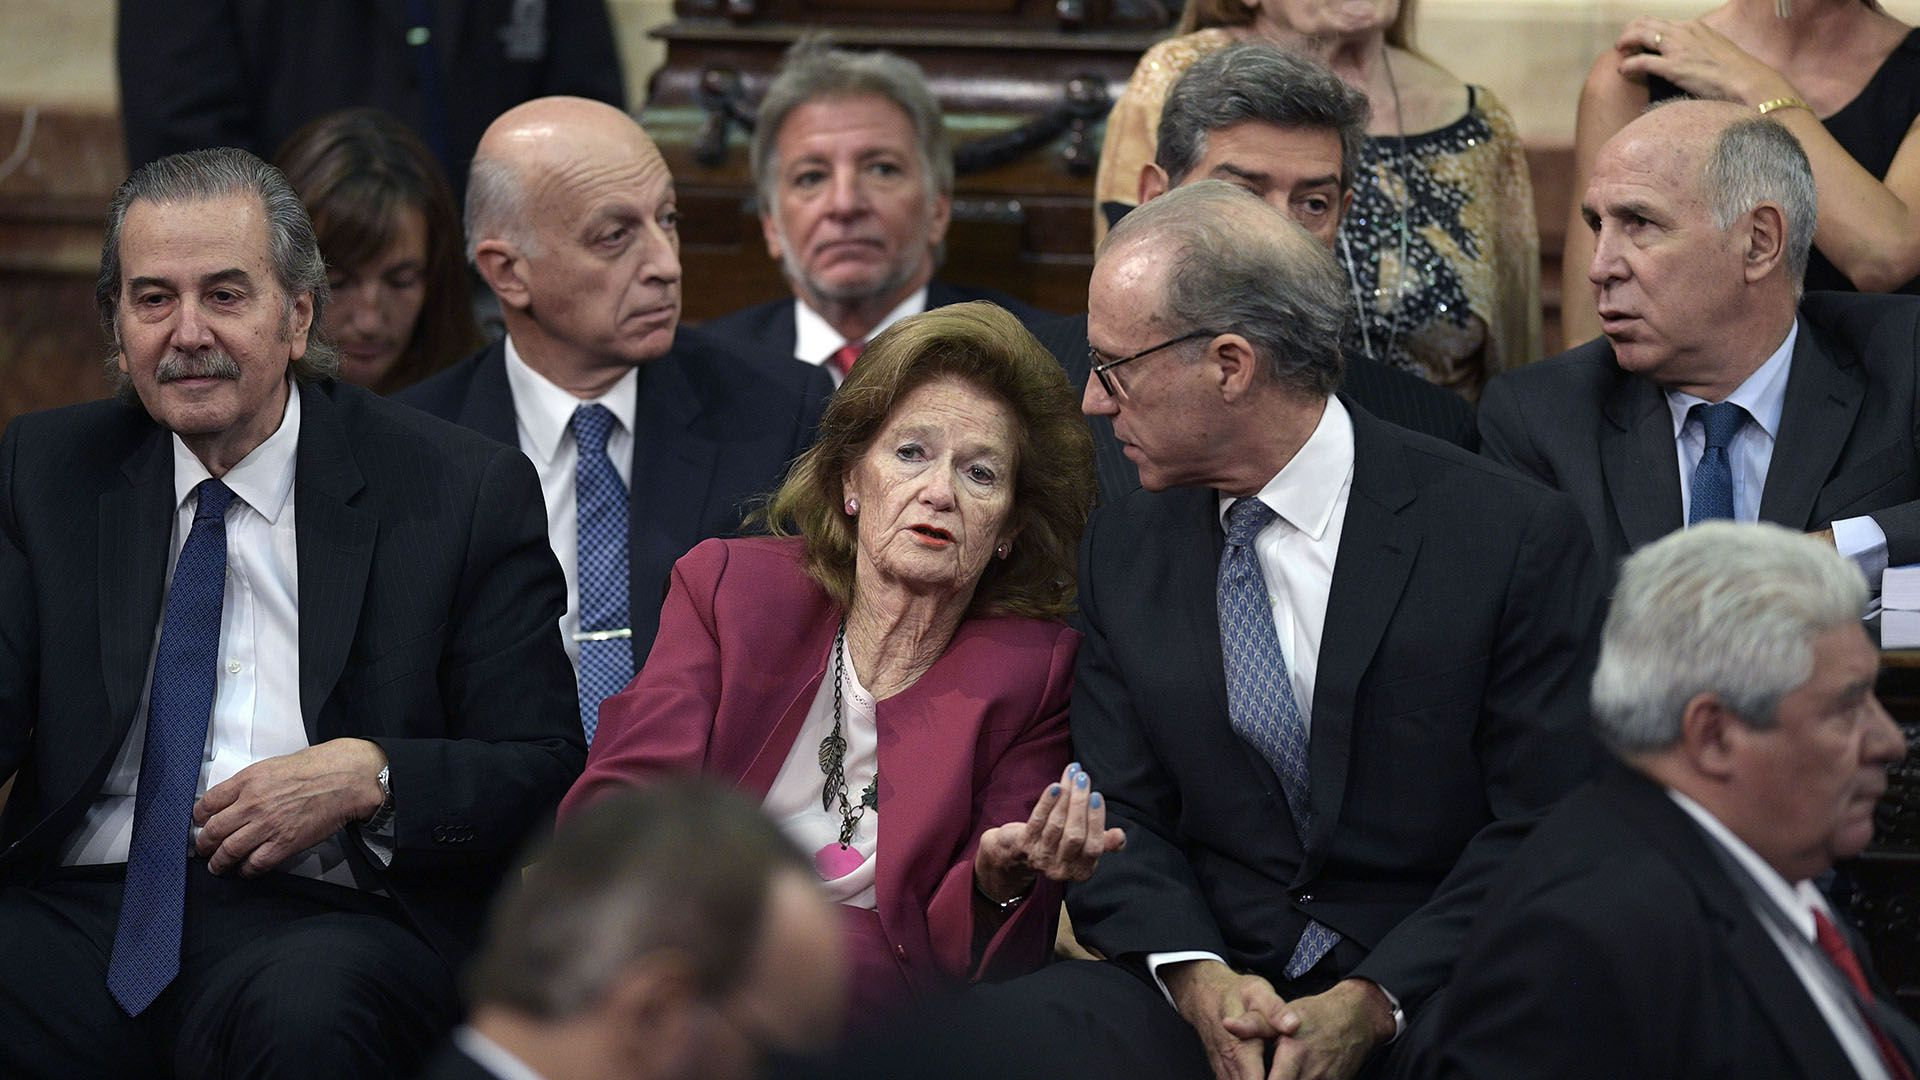 Los jueces de la Corte Suprema el 1 de marzo de 2019 en el Congreso (JUAN MABROMATA/AFP)